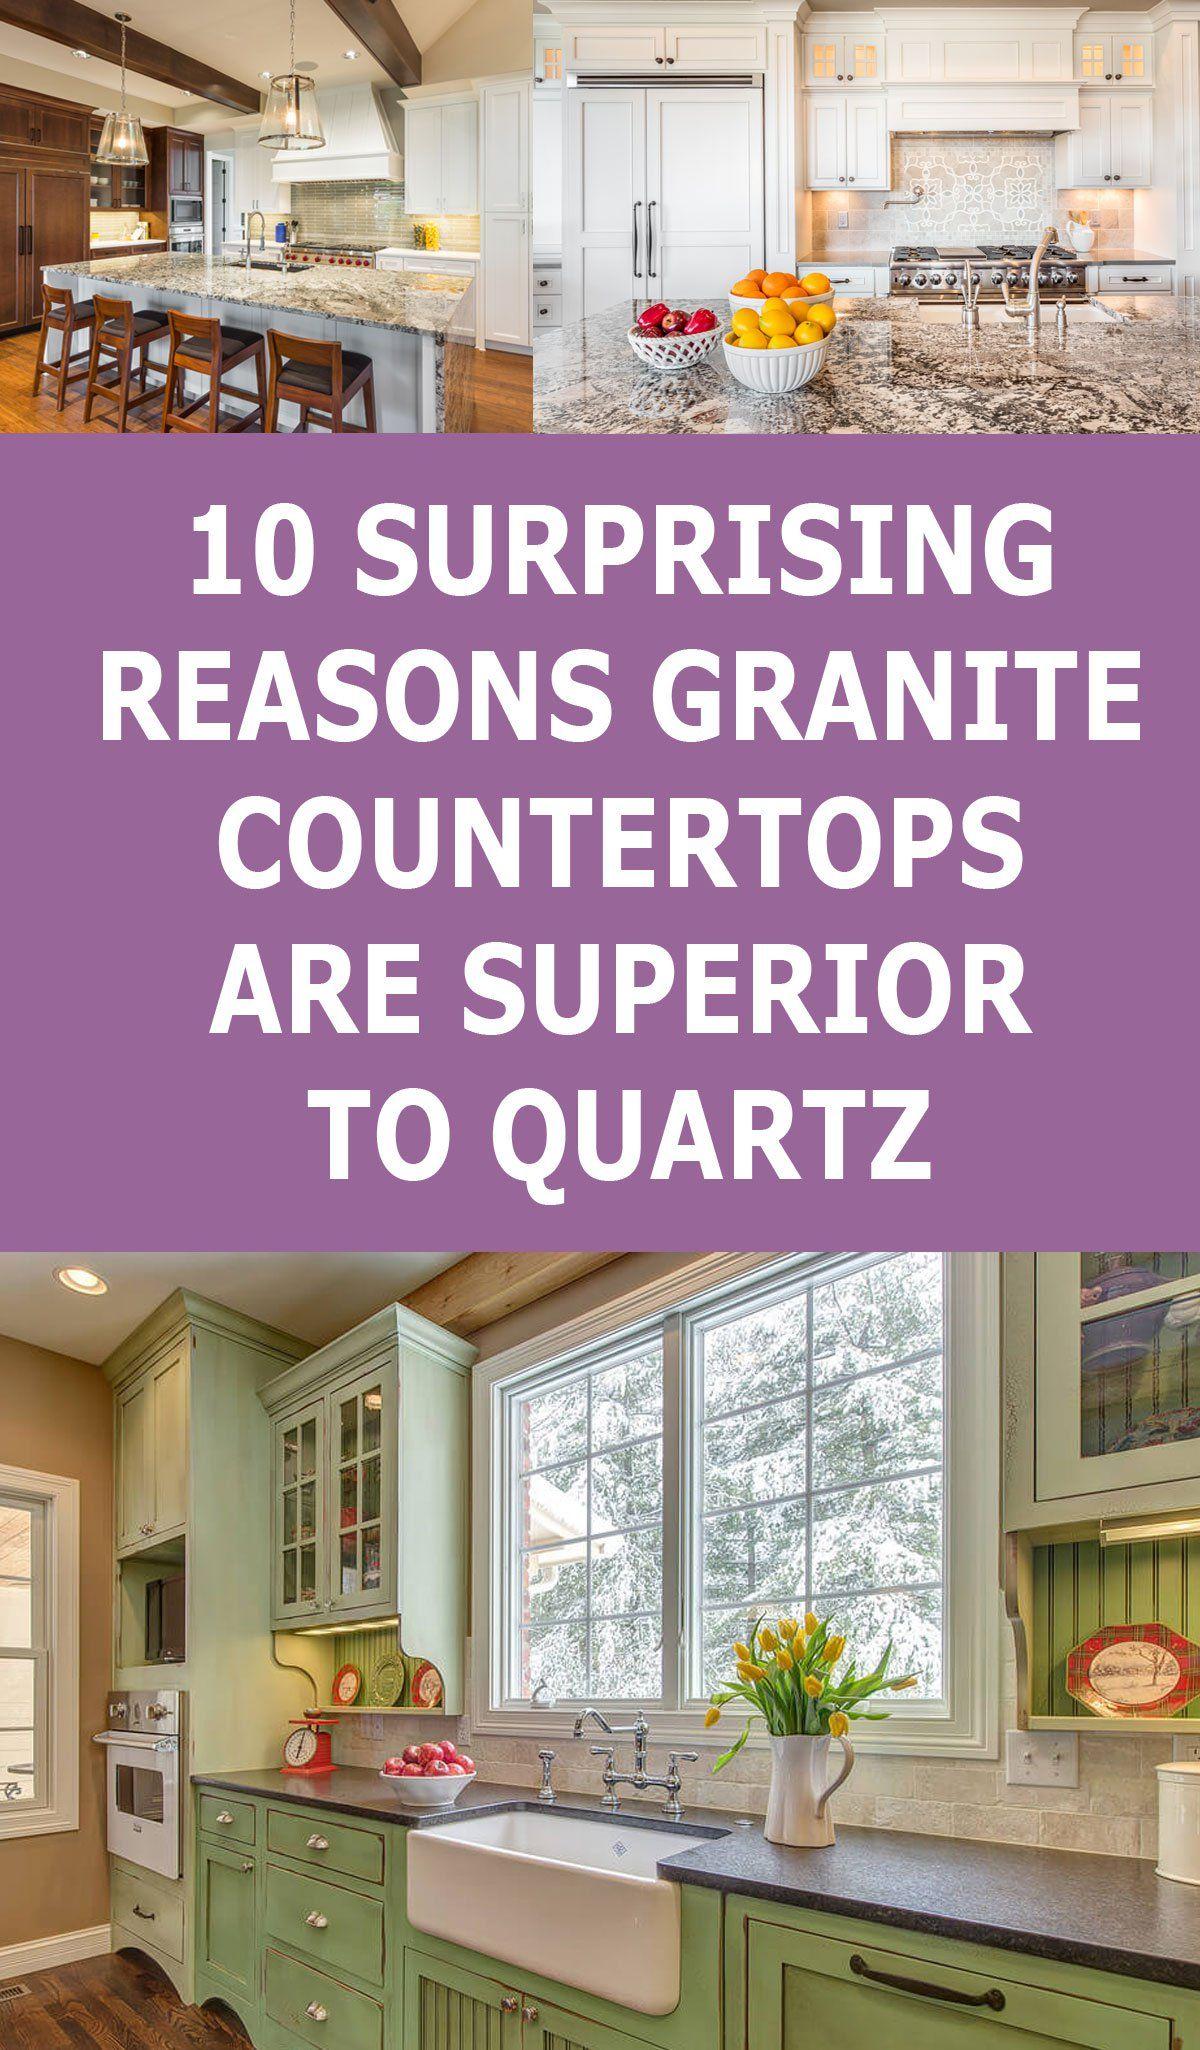 10 Surprising Reasons Granite Countertops Are Superior To Quartz Granite Countertops Countertops Custom Granite Countertops